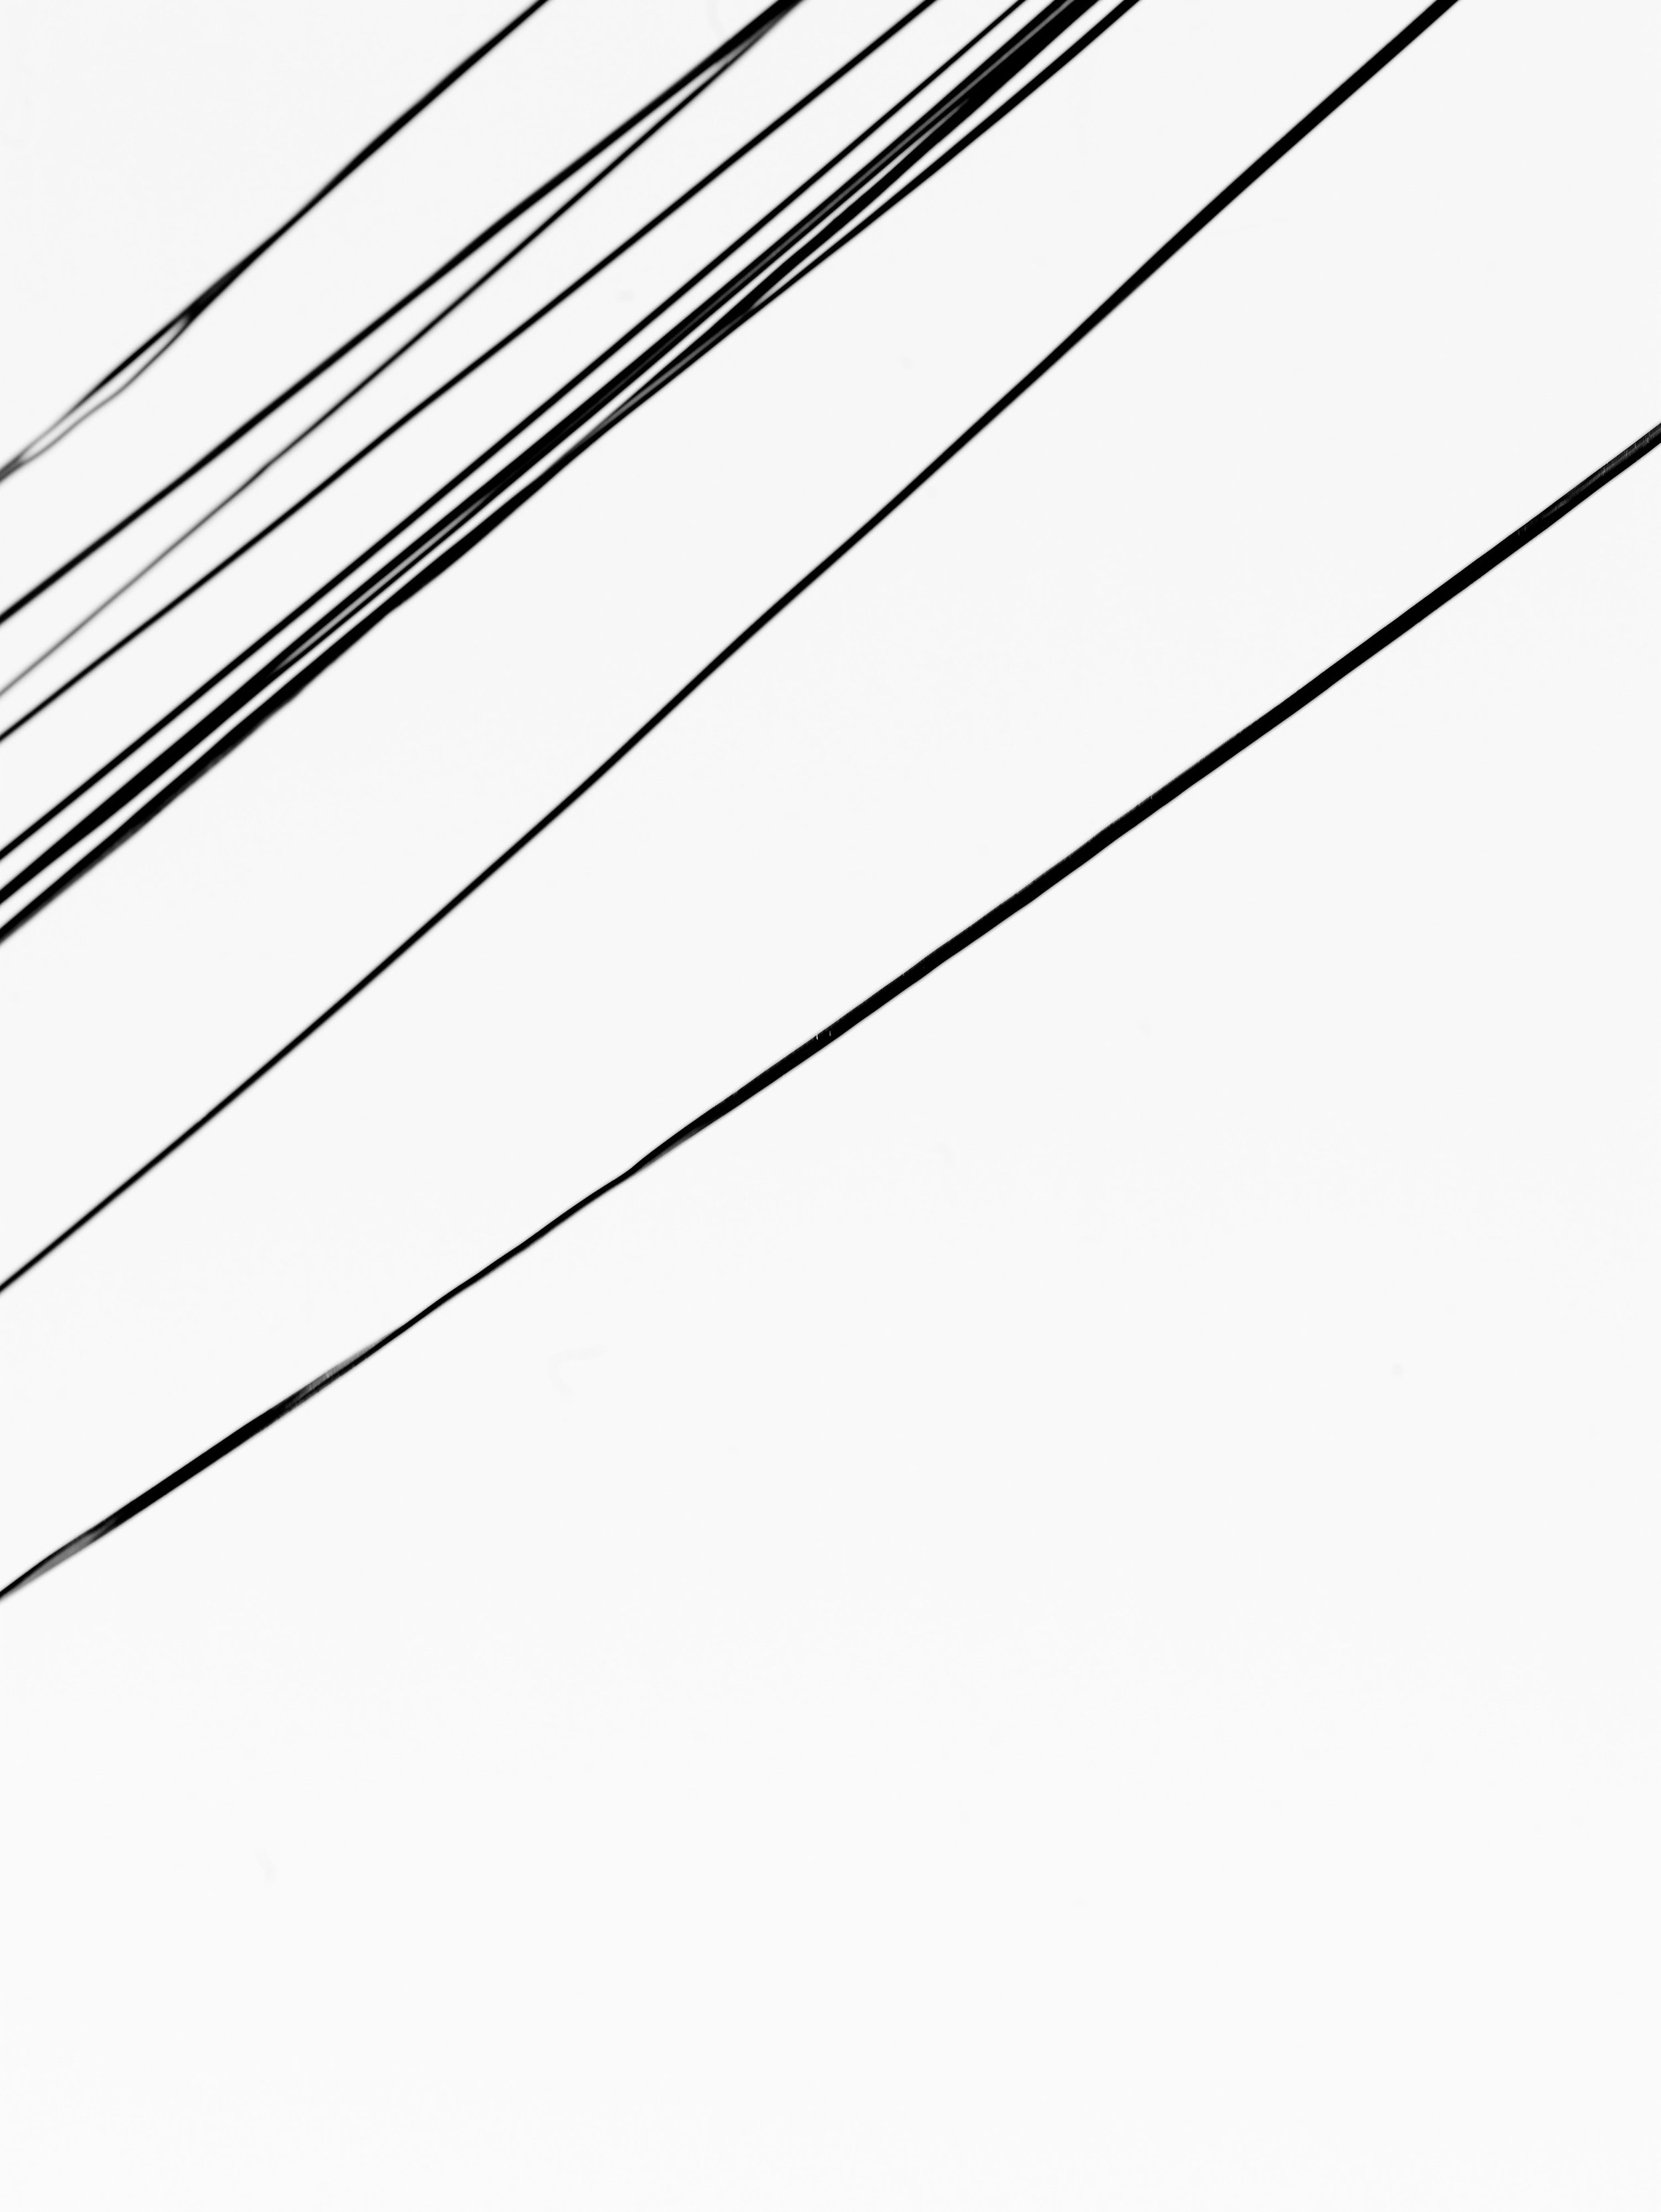 lines-010.jpg